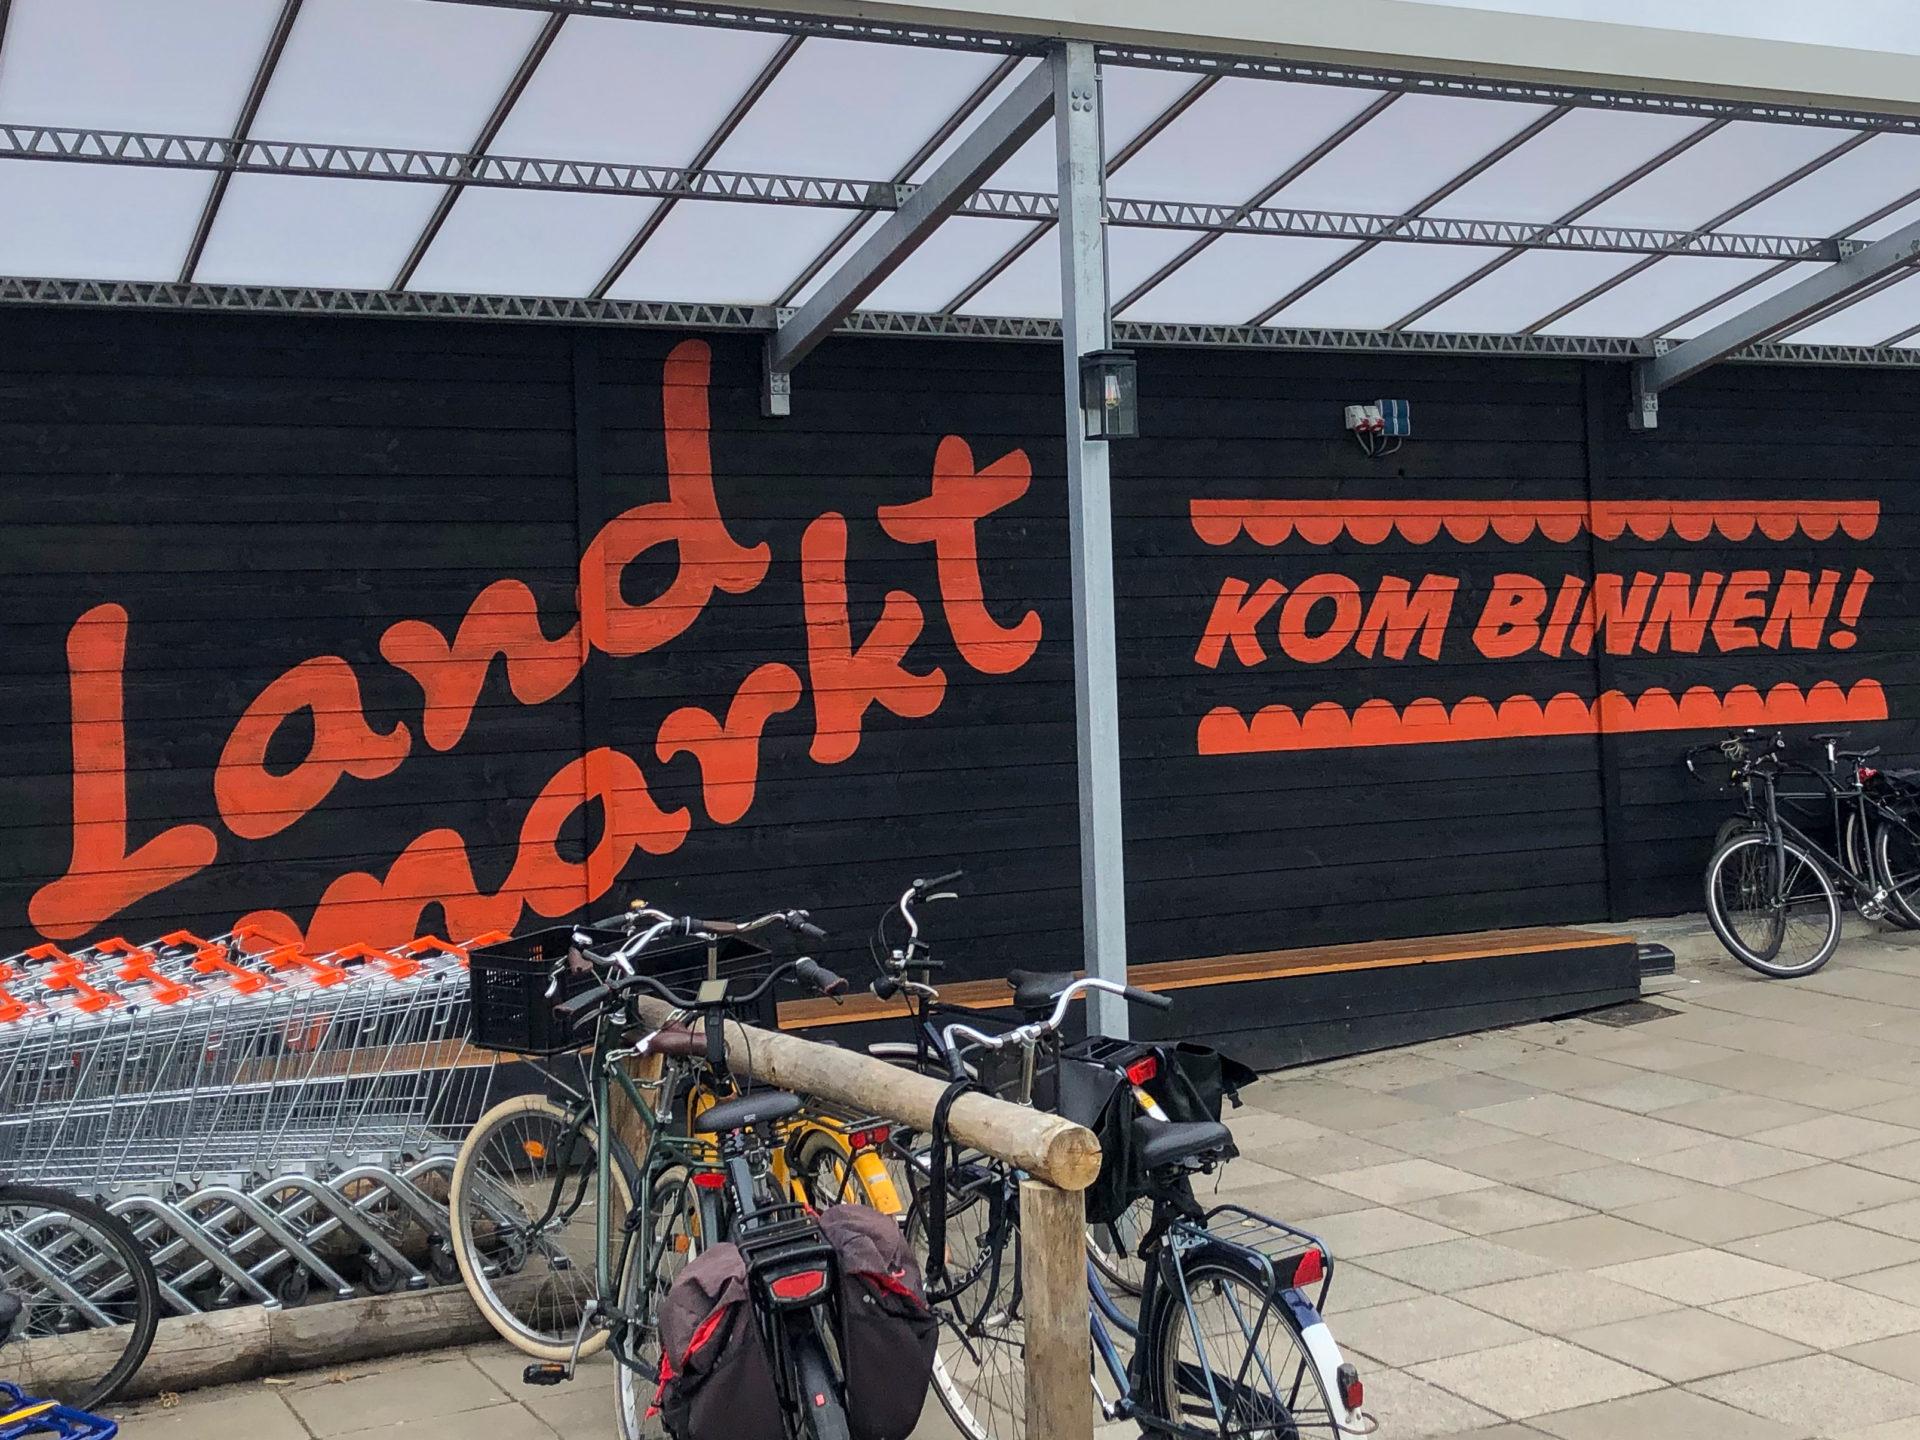 Der Supermarkt Landmarkt in Schellingwoude in Amsterdam Noord